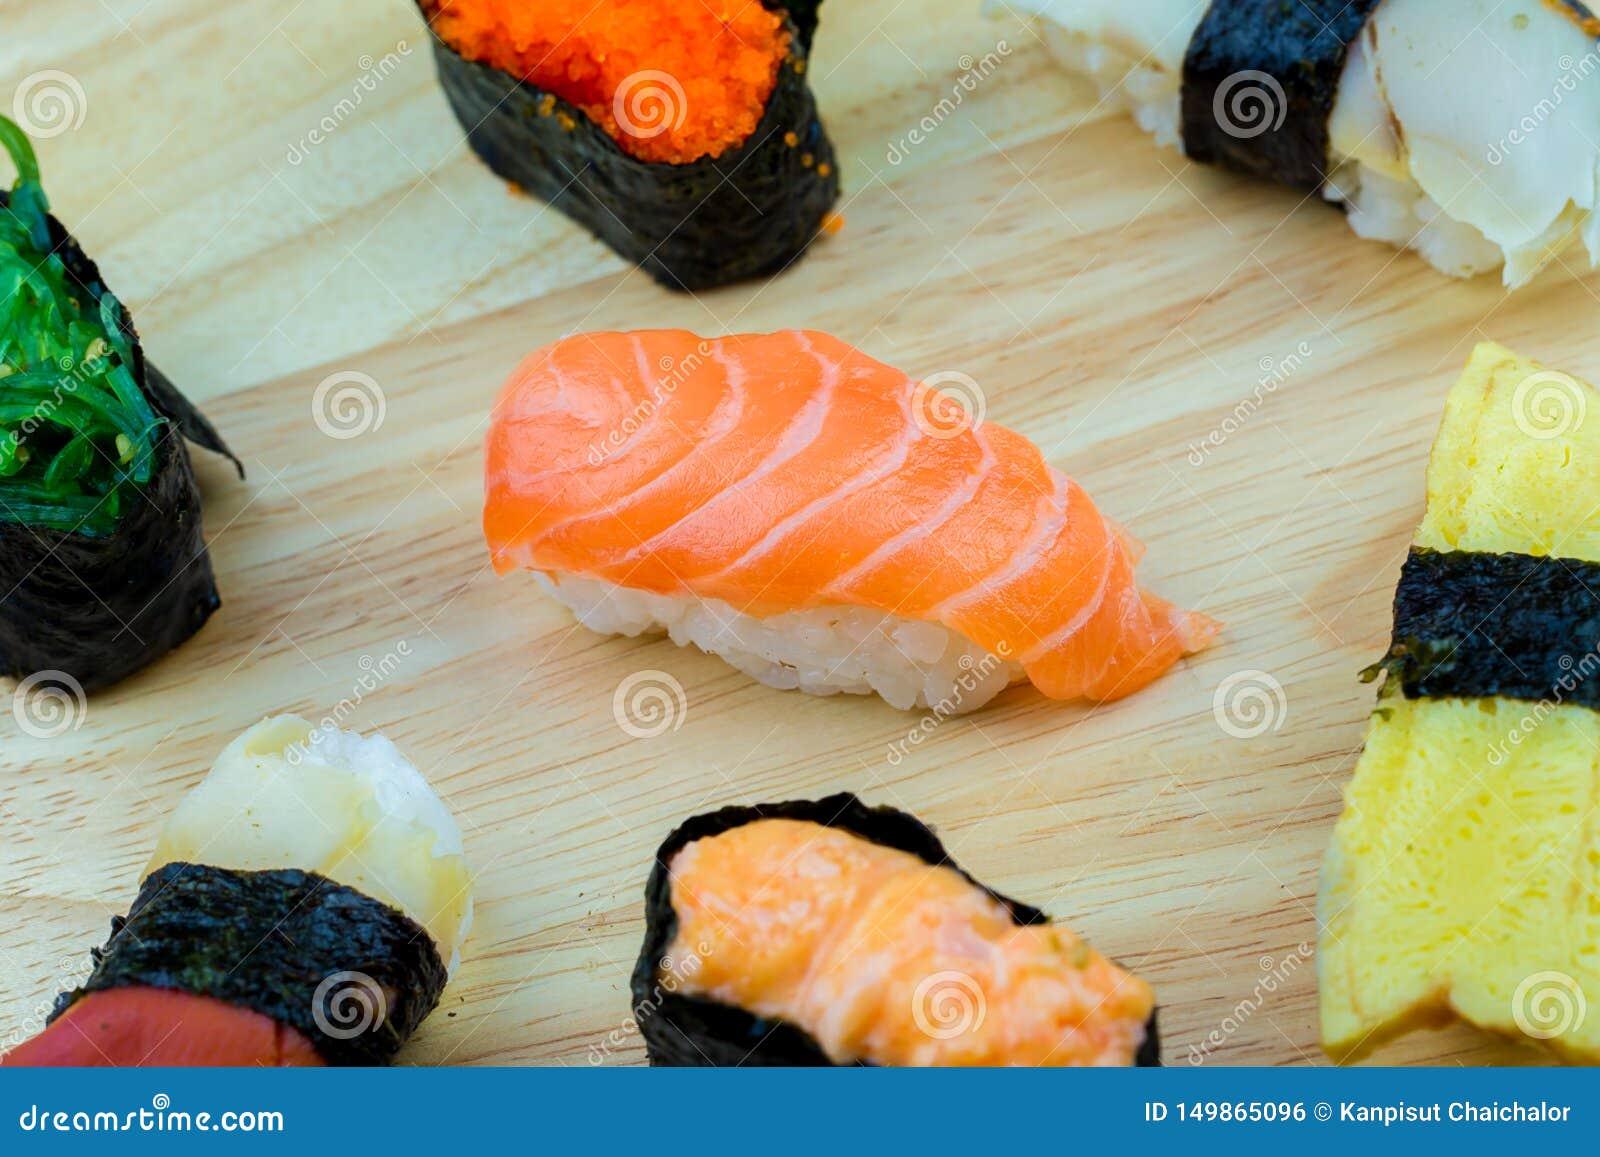 Frische Lachs- Sushi, Lachs-maki Rollenjapanisches Nahrungsmittelrestaurant, Lachssushi auf Platte